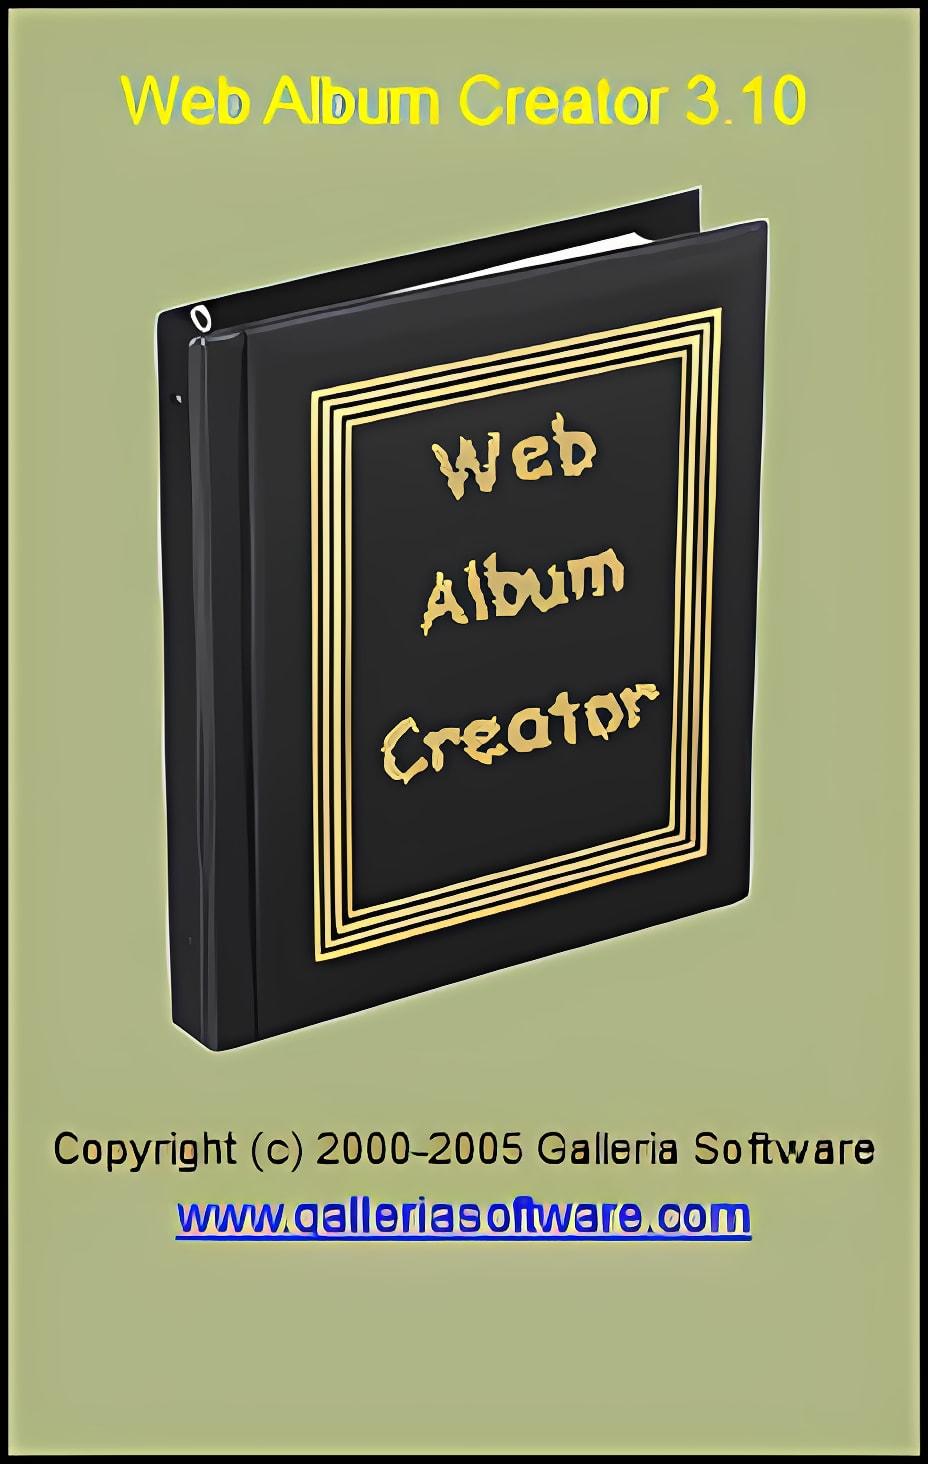 Web Album Creator